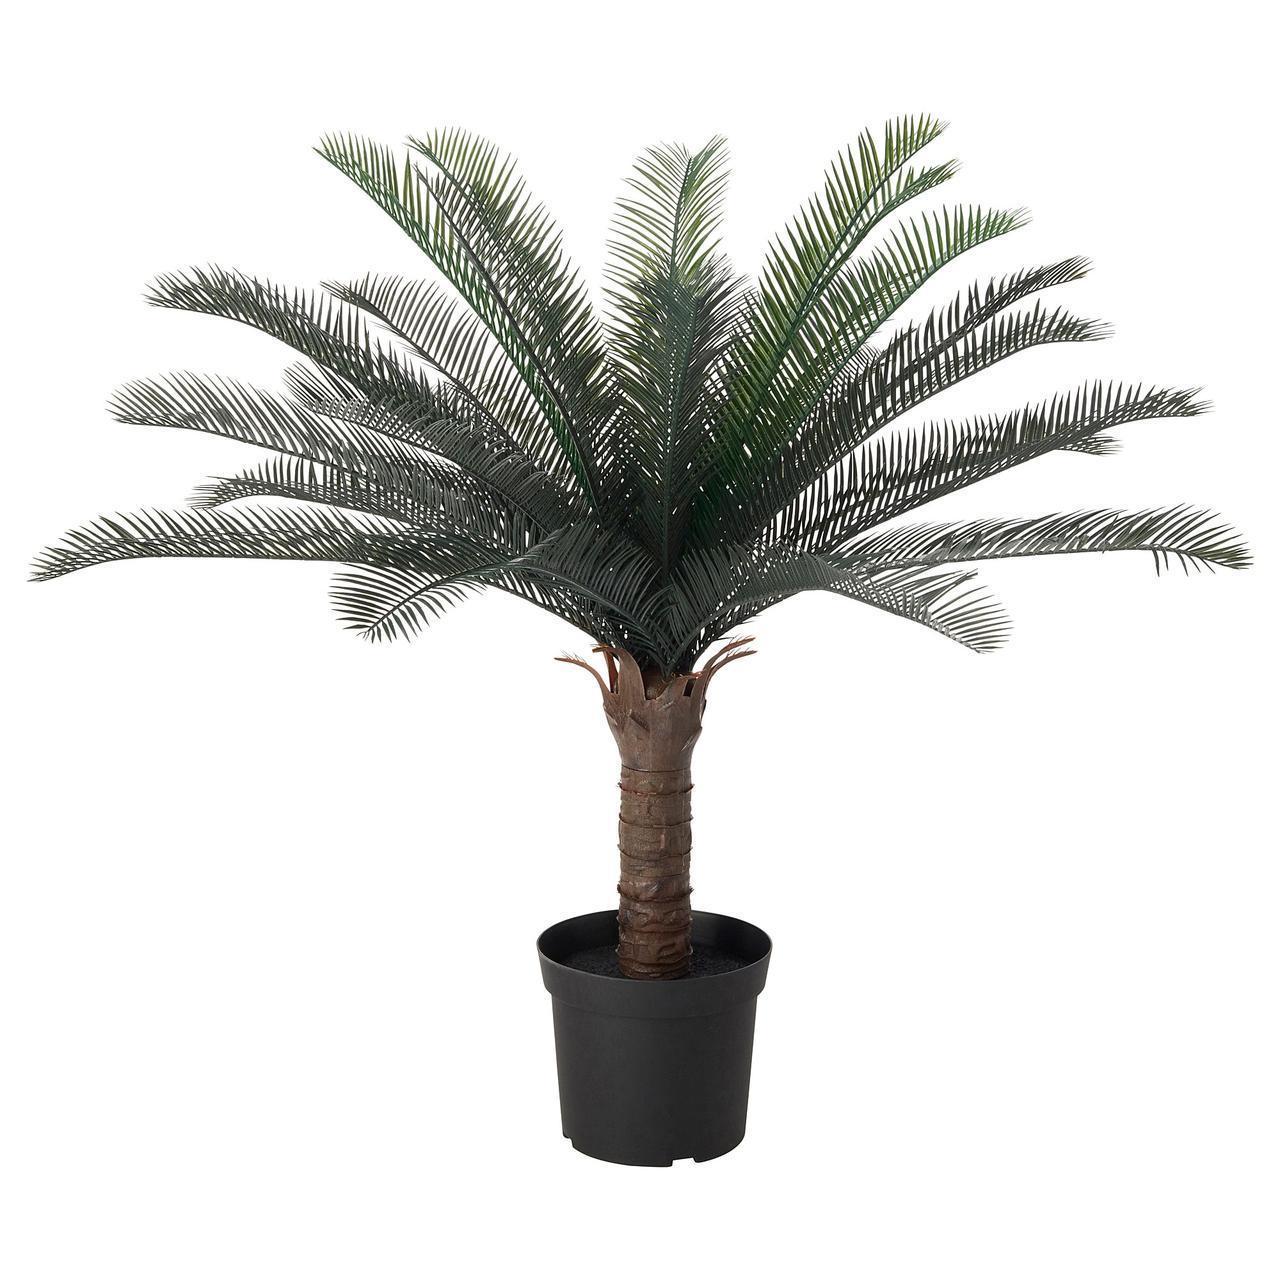 Искусственное растение в горшке IKEA FEJKA 19 см пальма саго 304.103.12